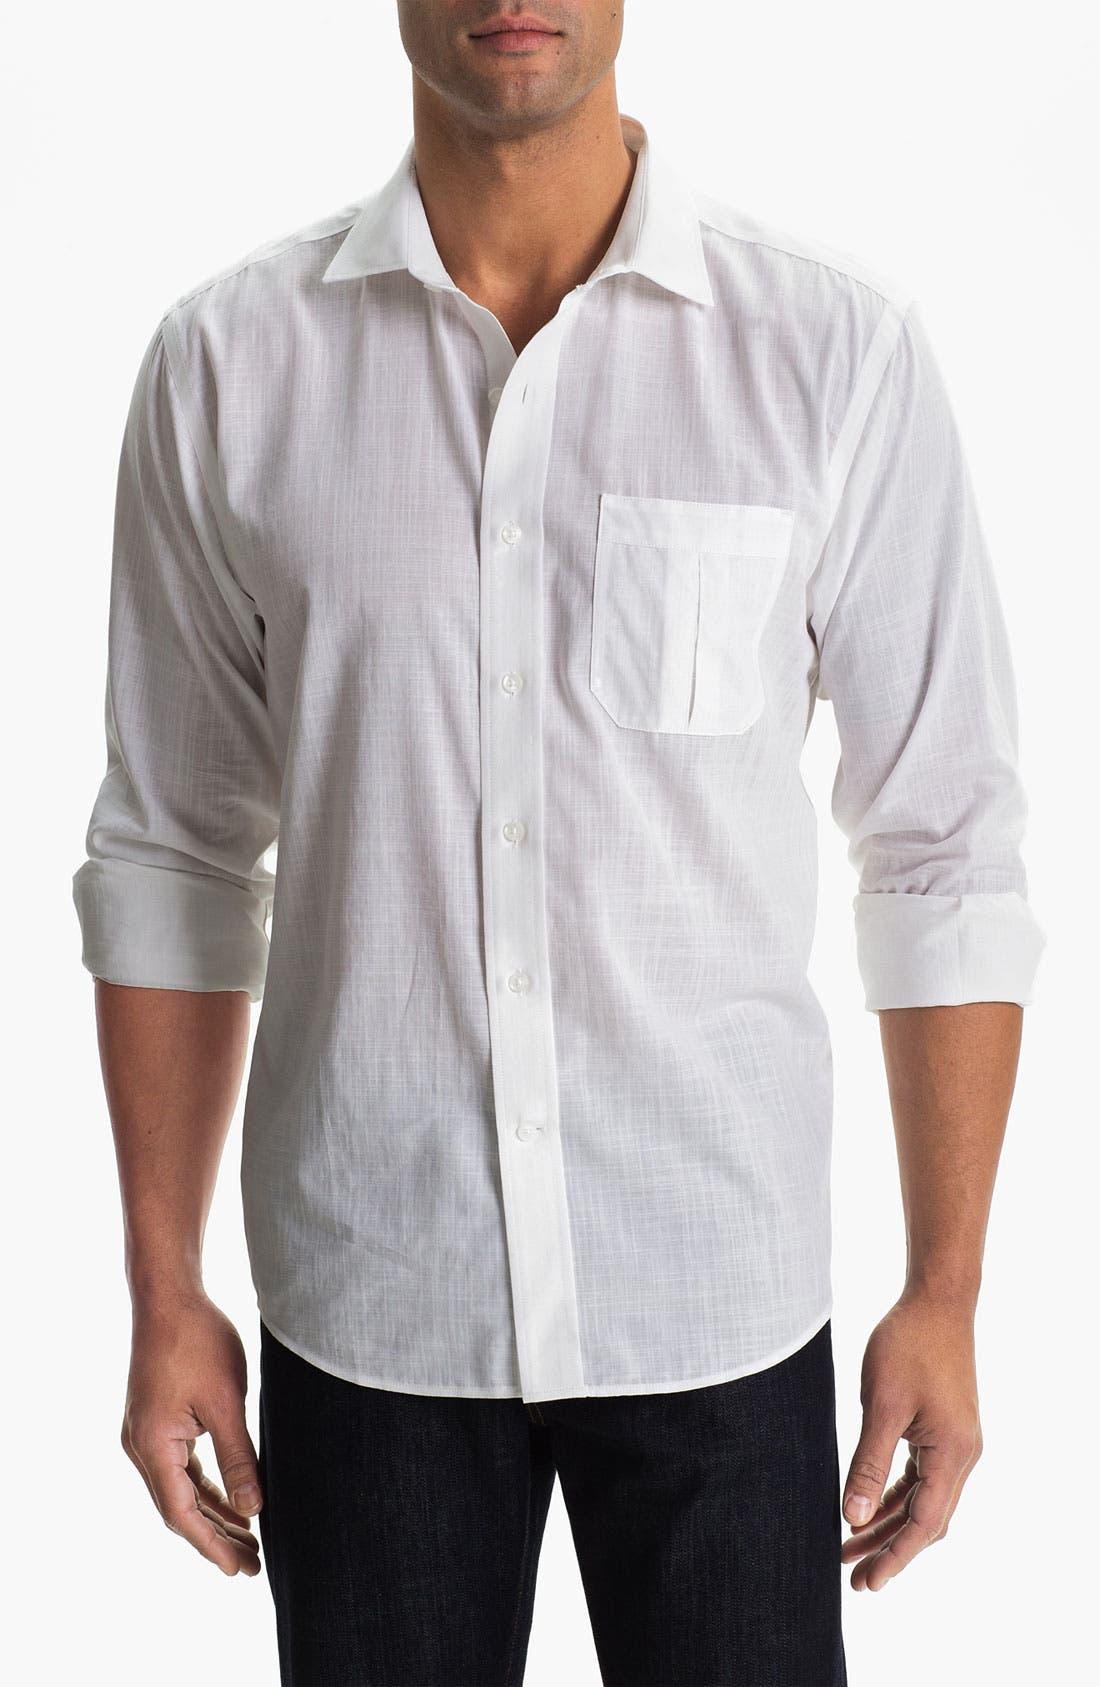 Main Image - Cutter & Buck 'Blue Ridge Solid' Regular Fit Sport Shirt (Big & Tall)